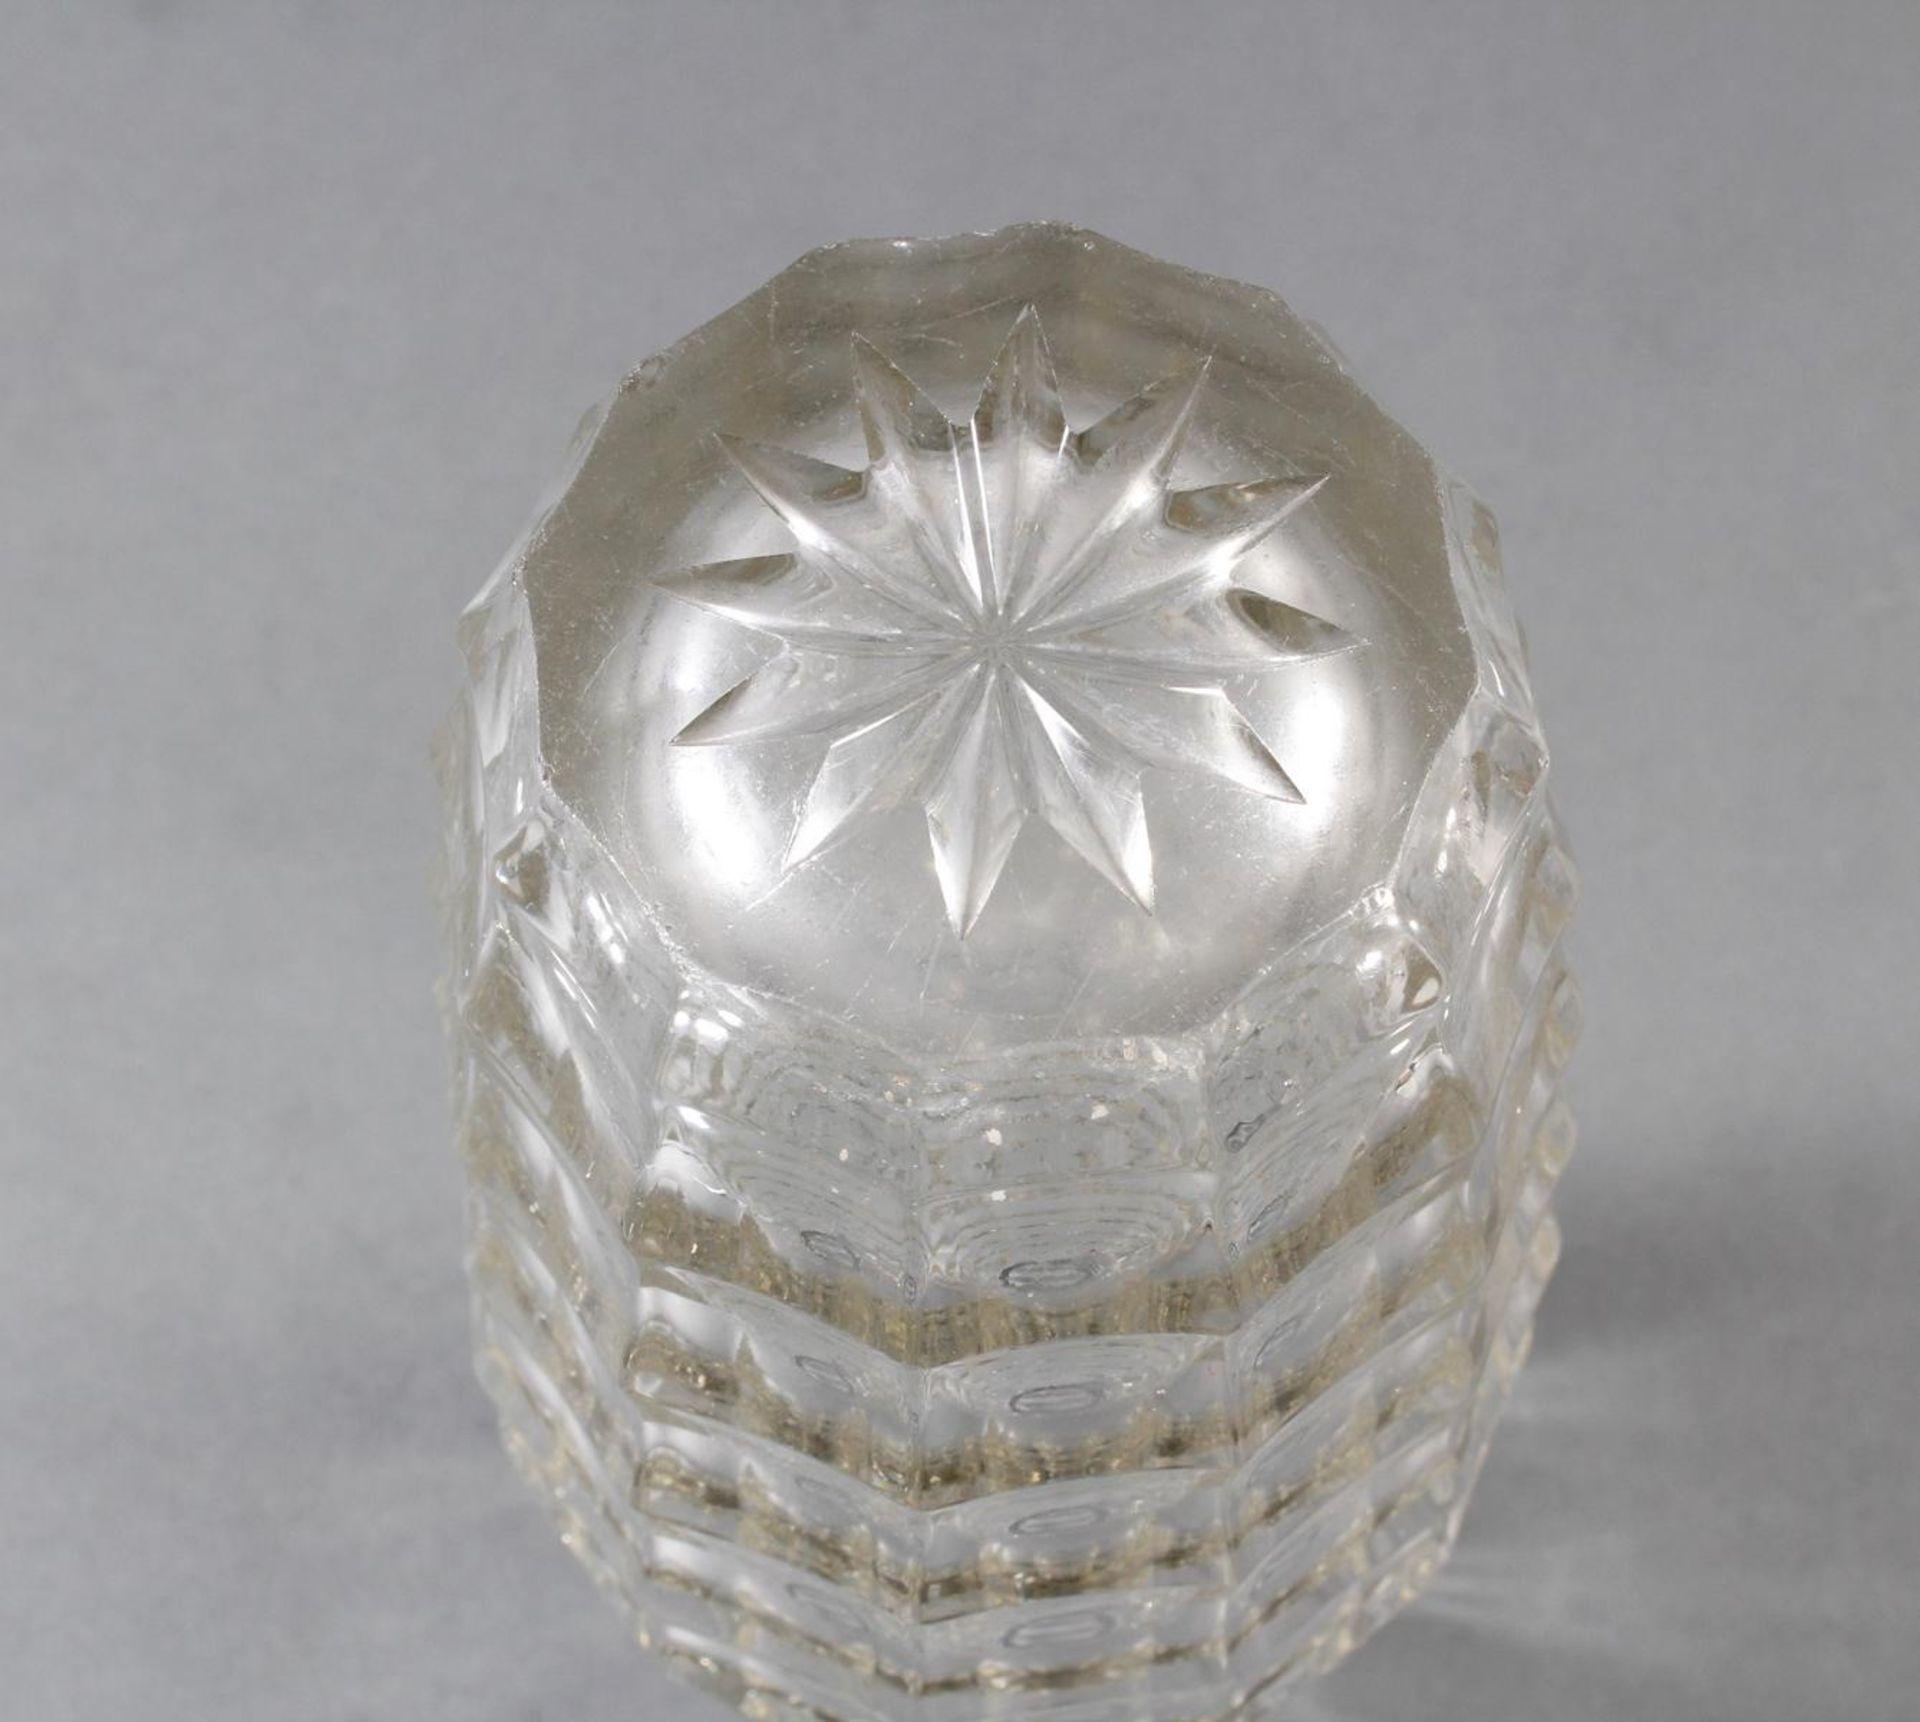 Glas-Ziervase um 1905, Entw. Josef Hoffmann - Bild 3 aus 4